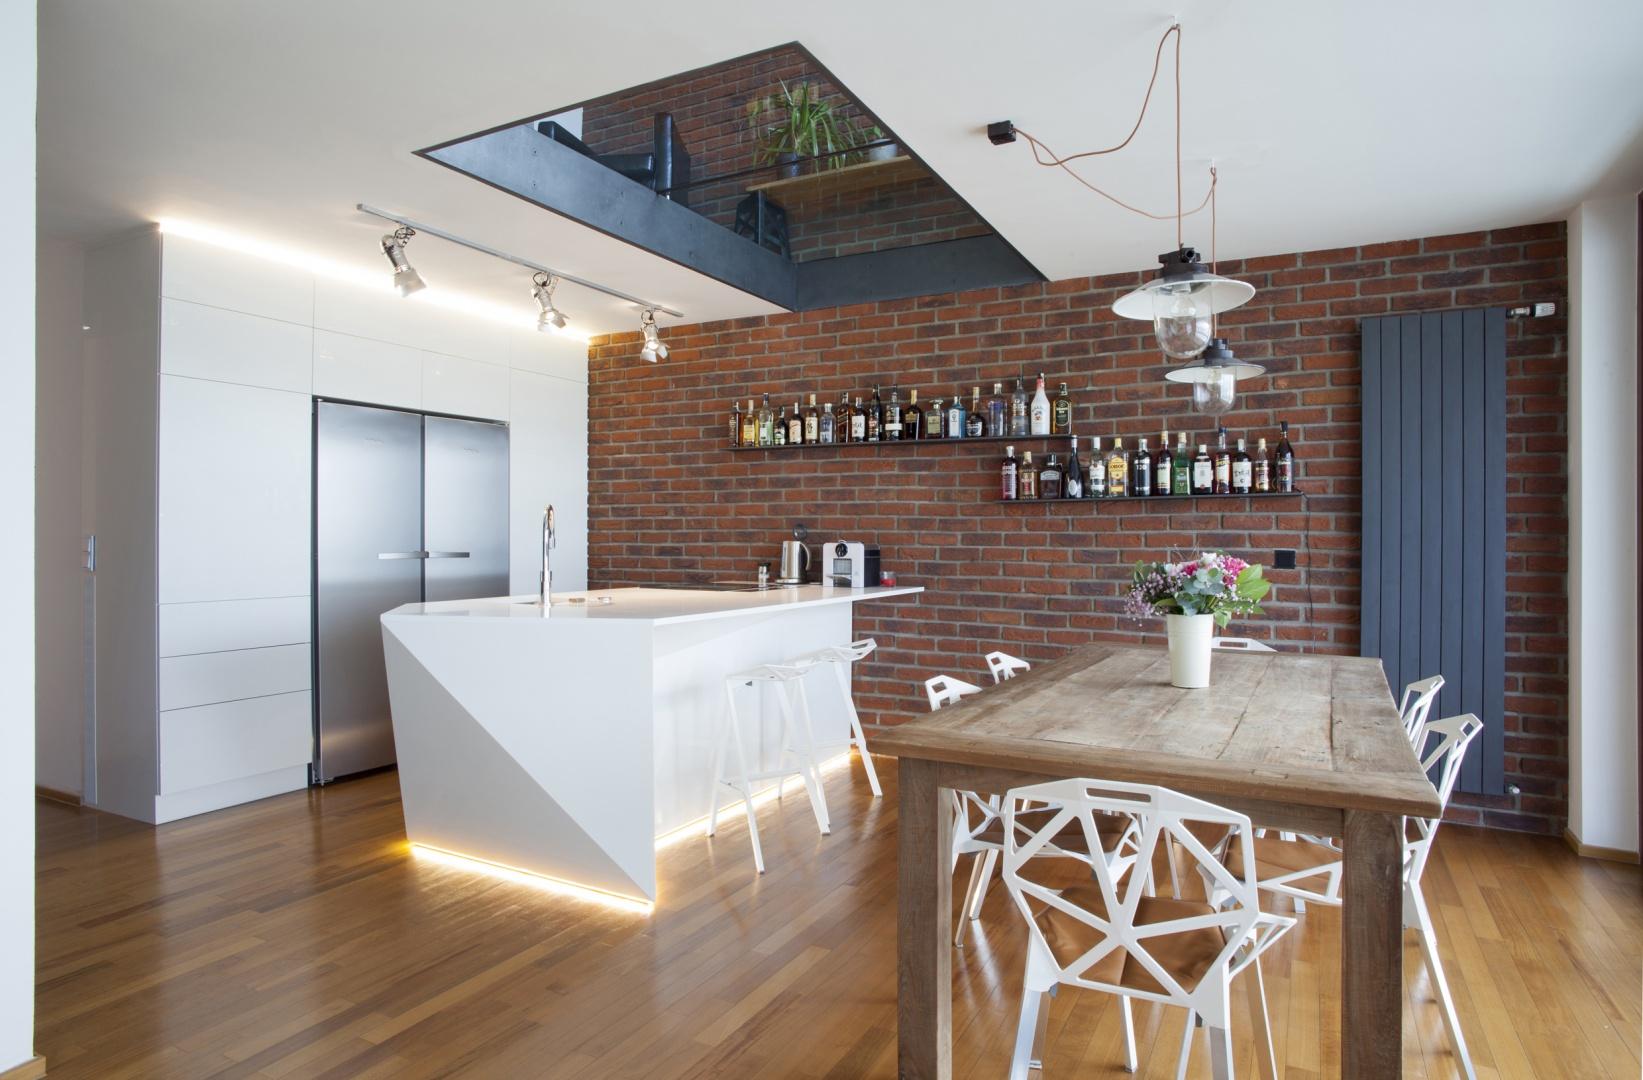 W tym wnętrzu atmosferę loftu buduje przede wszystkim czerwona cegła na ścianie w kuchni oraz towarzyszące jej lampy na odsłoniętych oplotach. Projekt: Projekt: B² Architecture. Fot. Michal Šeba.